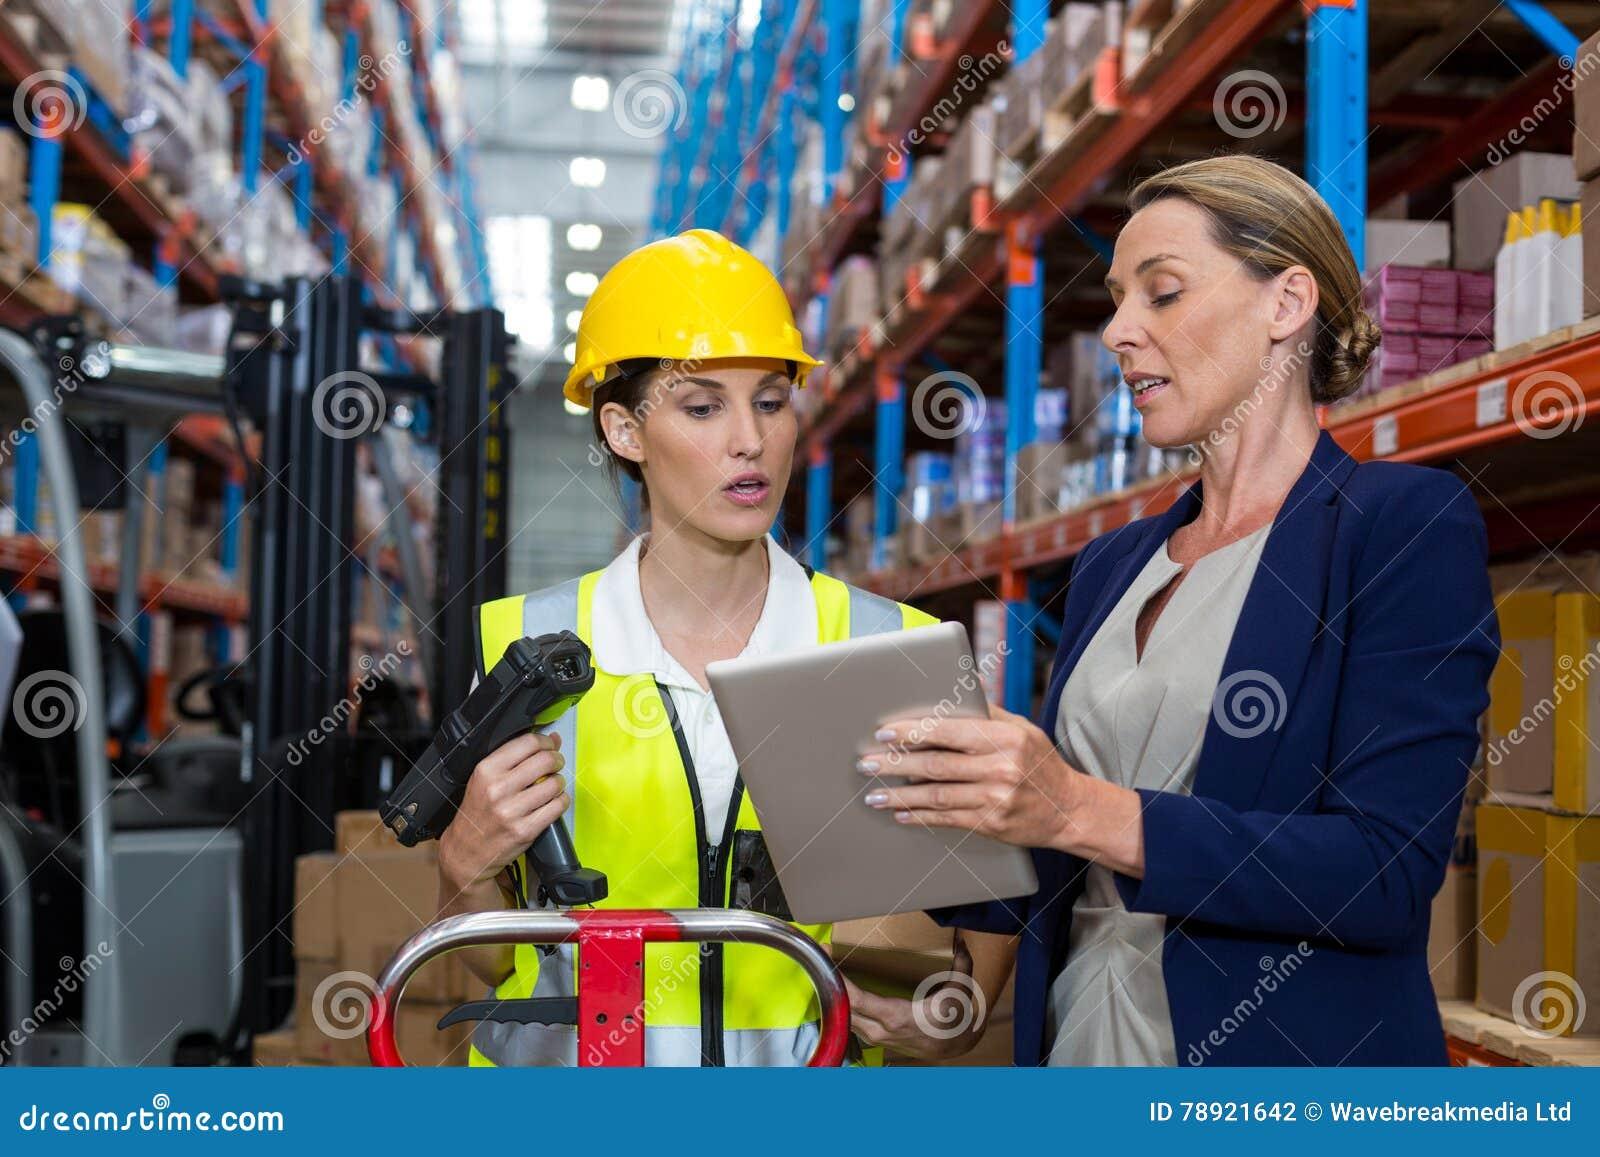 Складируйте менеджер с взаимодействуя женским работником над цифровой таблеткой